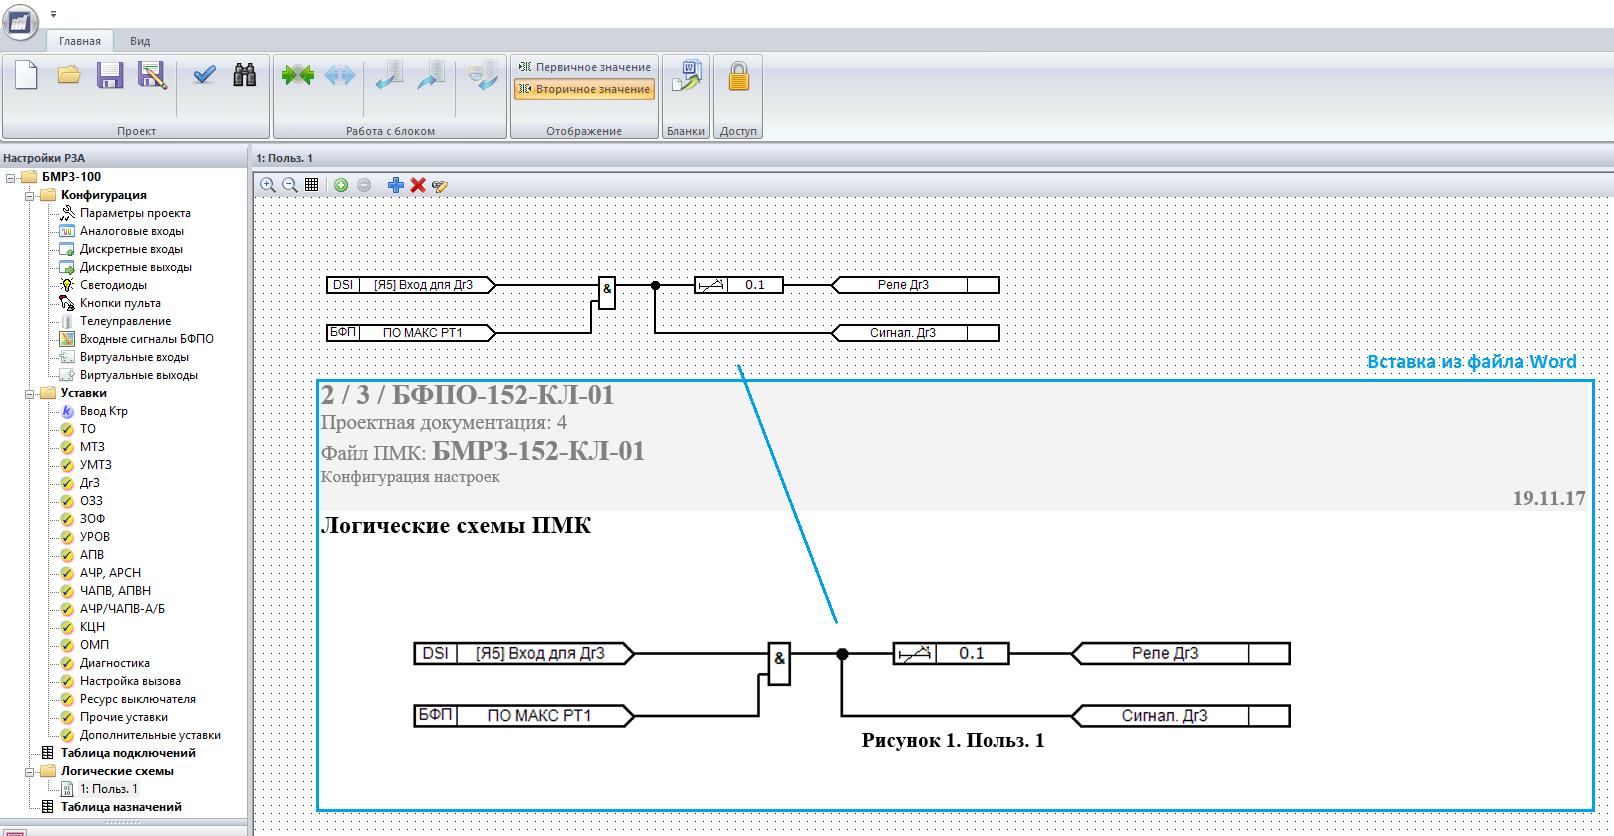 Конфигуратор-МТ создание логических схем